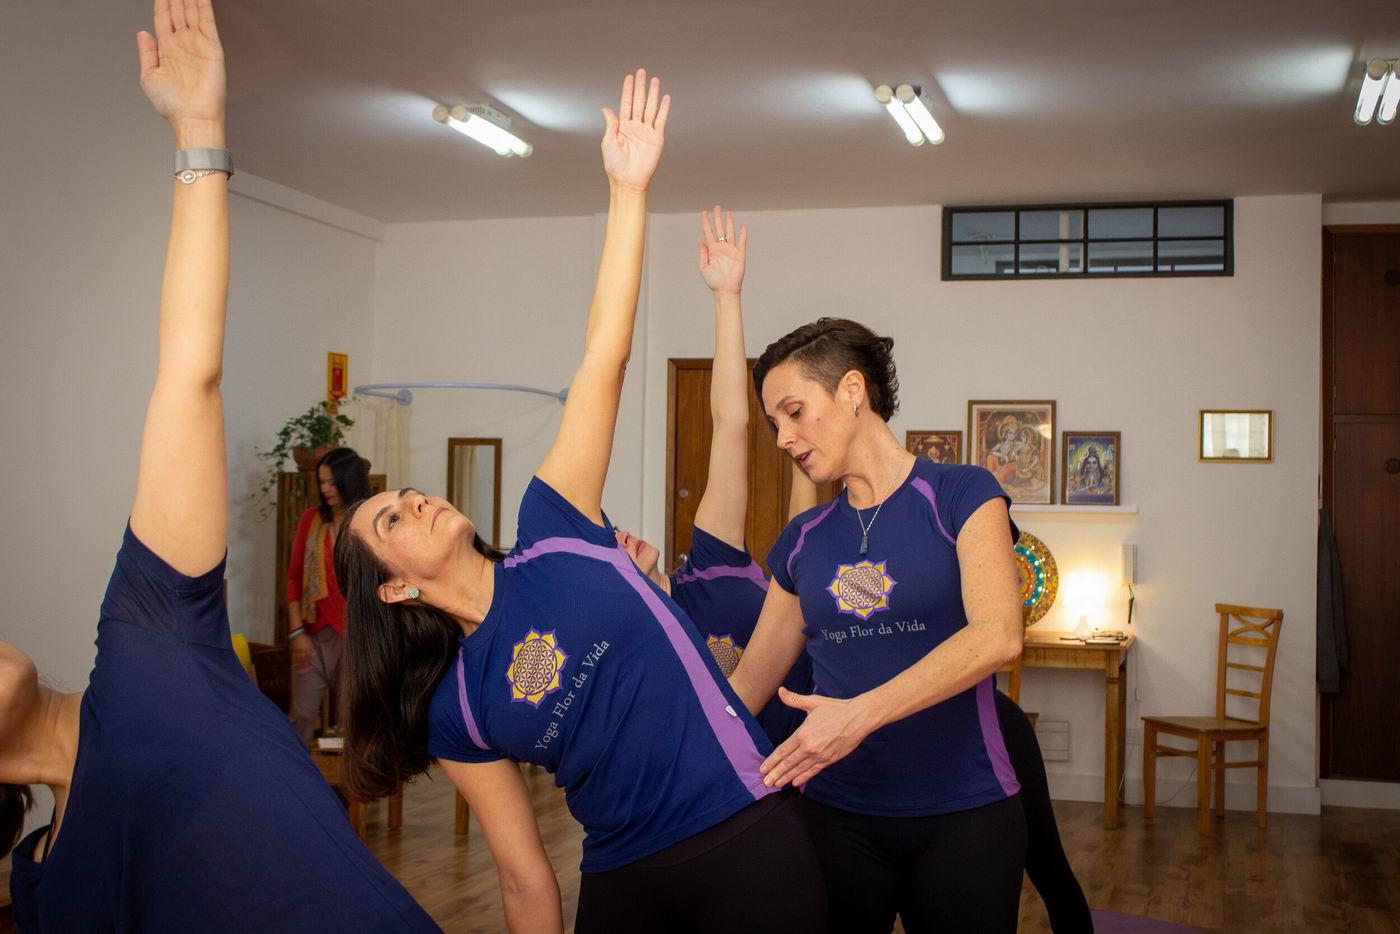 Yoga Flor Da Vida 64